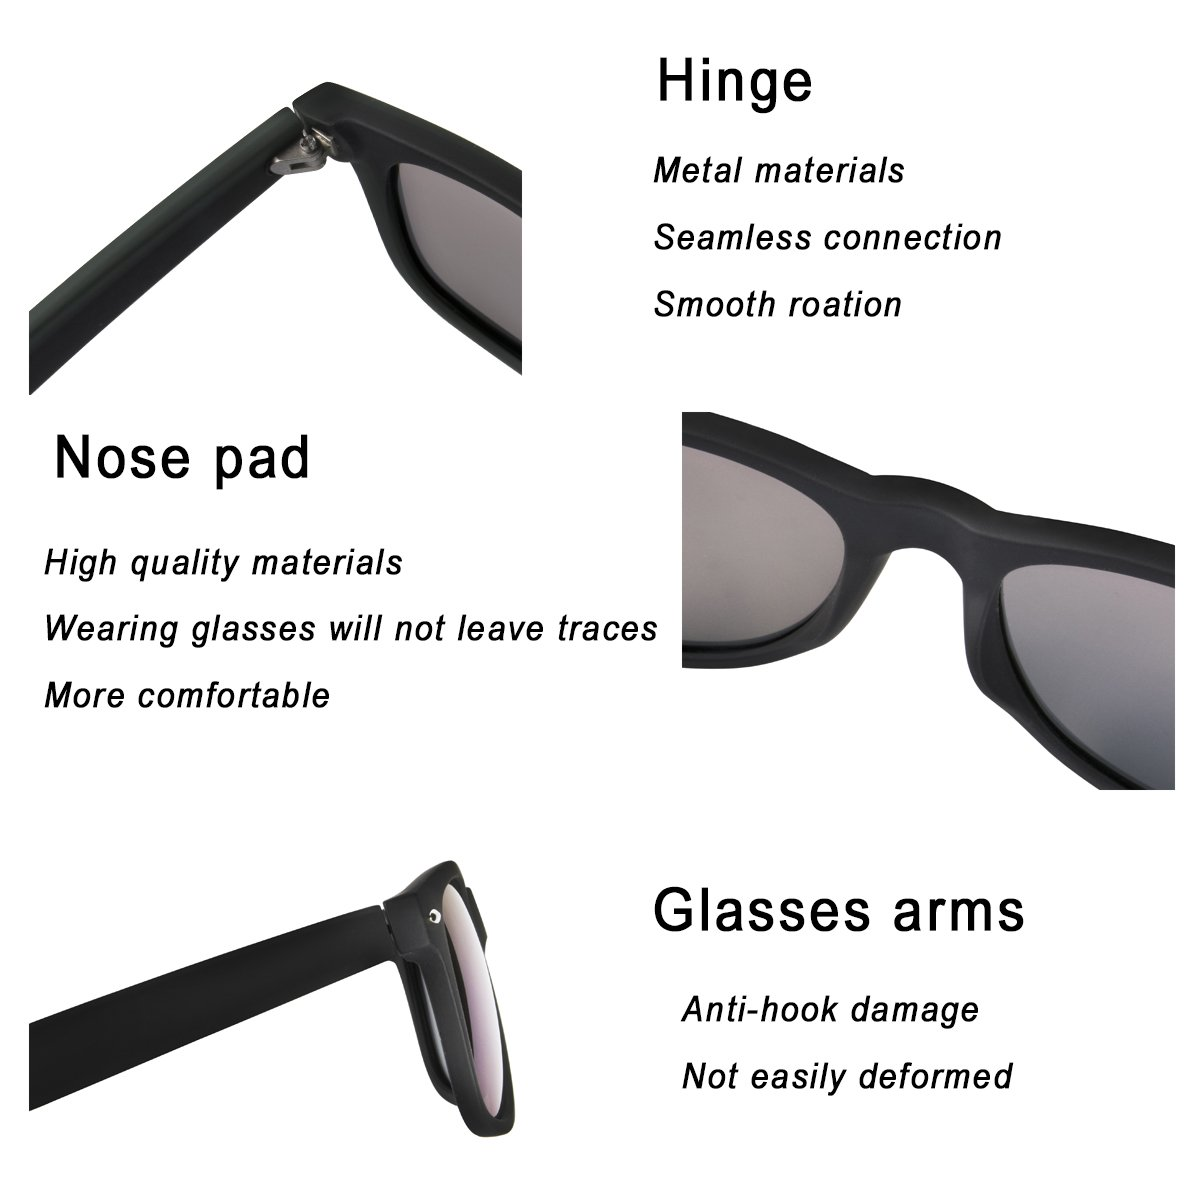 a5a3769924f Polarized Sunglasses for Men Retro - FEIDU HD Vision Polarized Sunglasses  Mens FD2149 2.08 ) 2149BLACK-MATTE